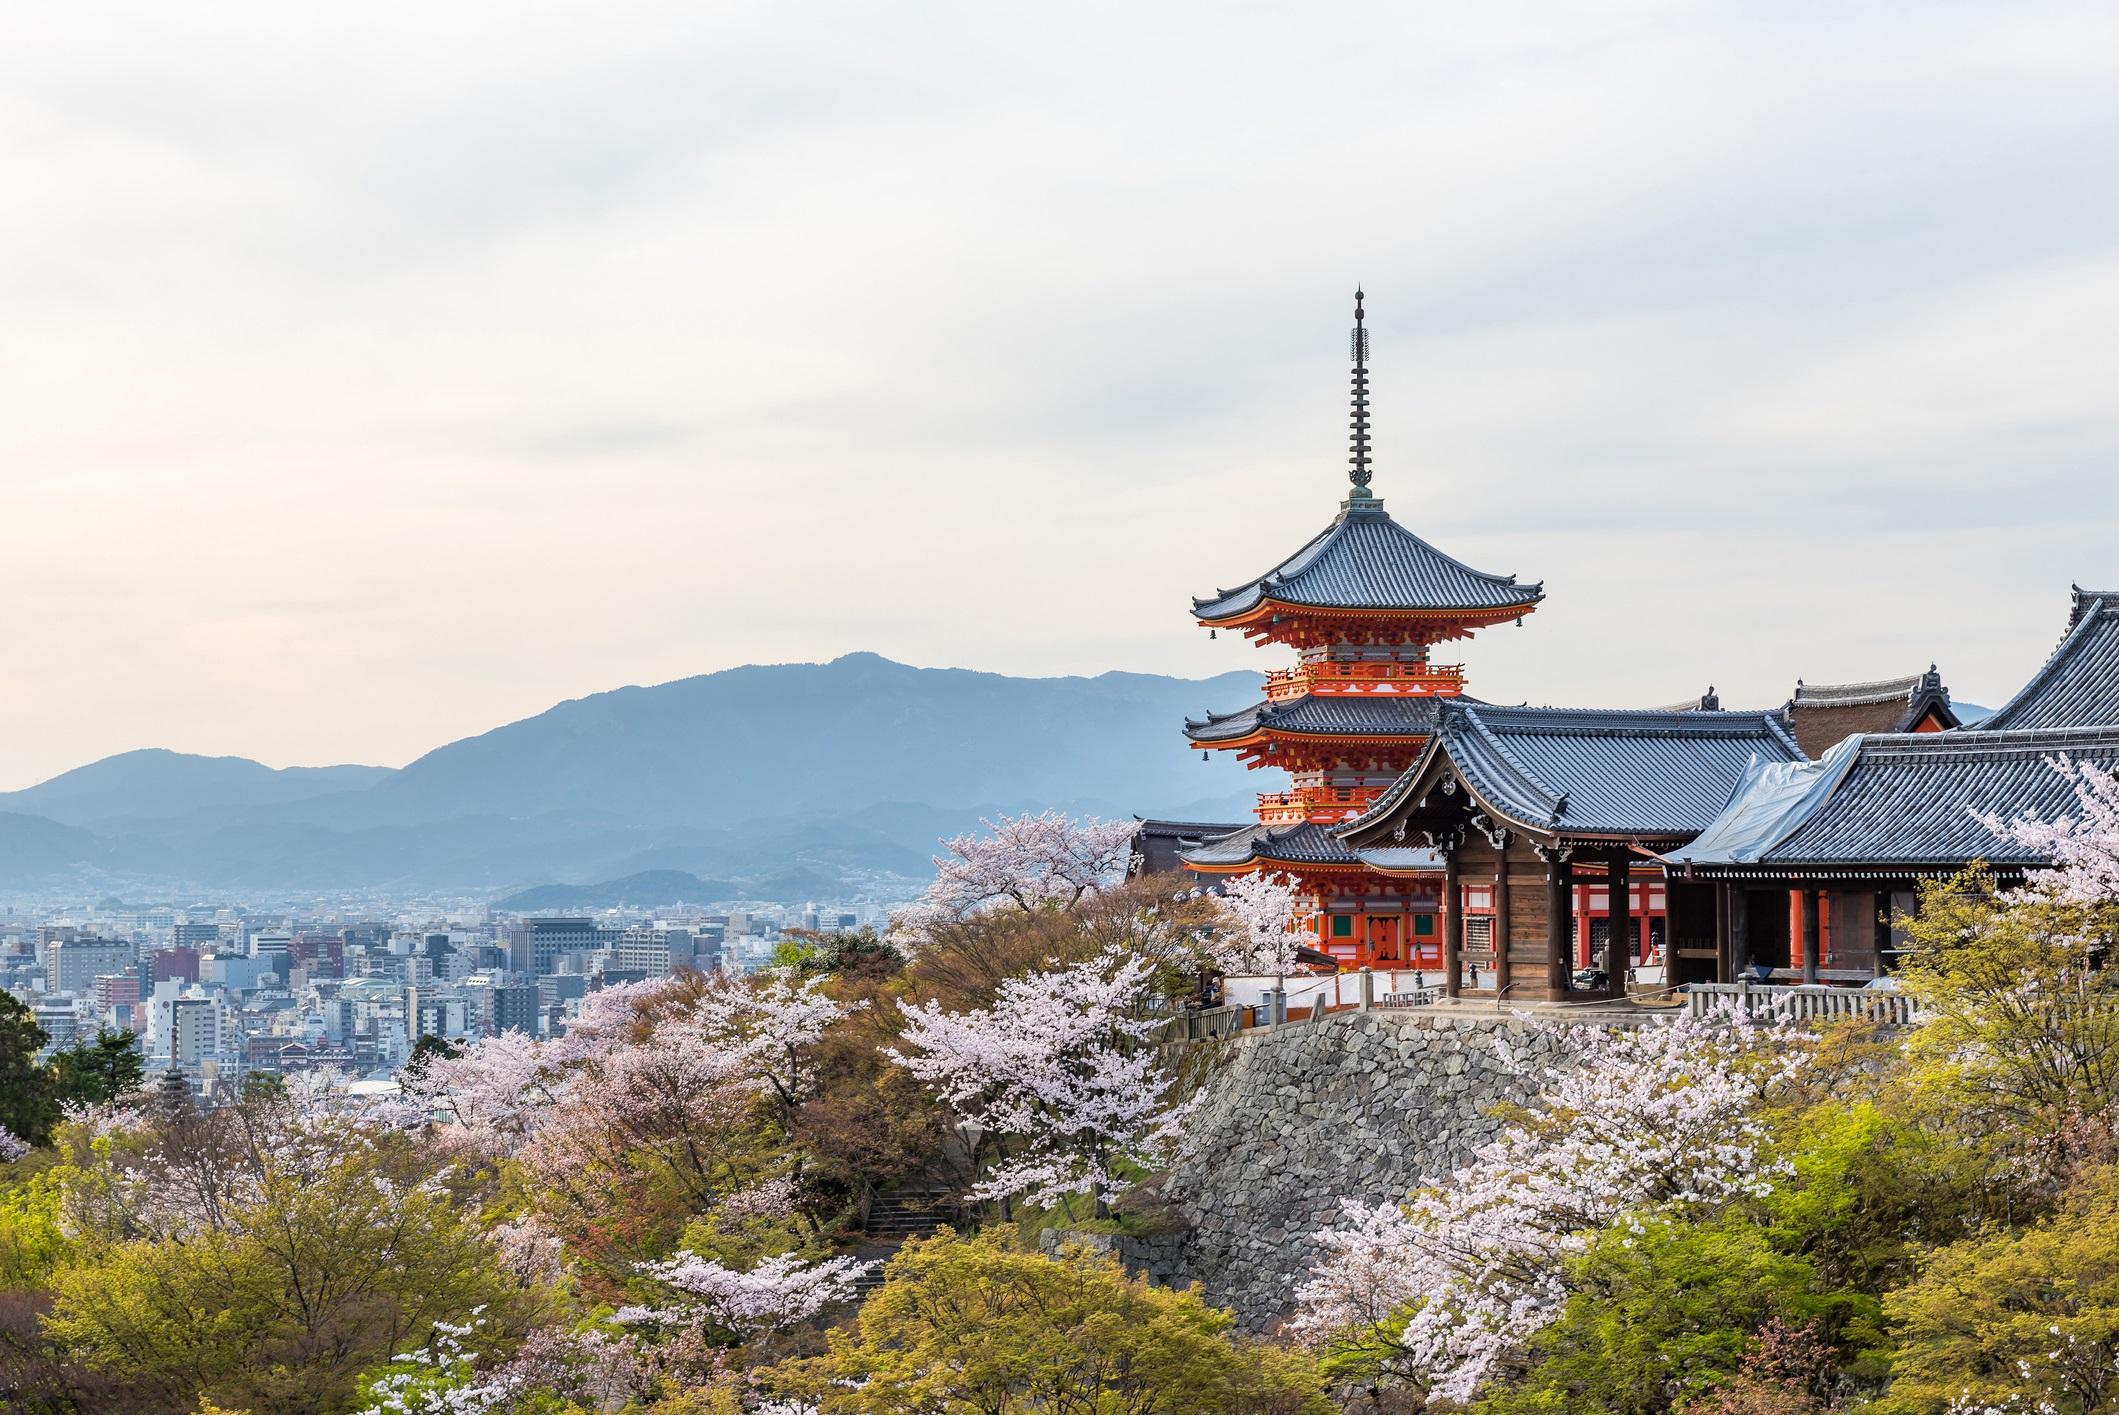 <p><strong>Киото, Япония</strong></p>  <p>Усещане за миналото прониква в този легендарен японски метрополис. Един от най-добре запазените древни градове в страната, пътуване до Киото ще ви запознае със стотици години японска история и пейзаж. Пътуващите несъмнено ще намерят спокойствие и красота в многостепенния, червен замък на Ниджо и в изкуствено изваяните сухи пейзажи на градините.</p>